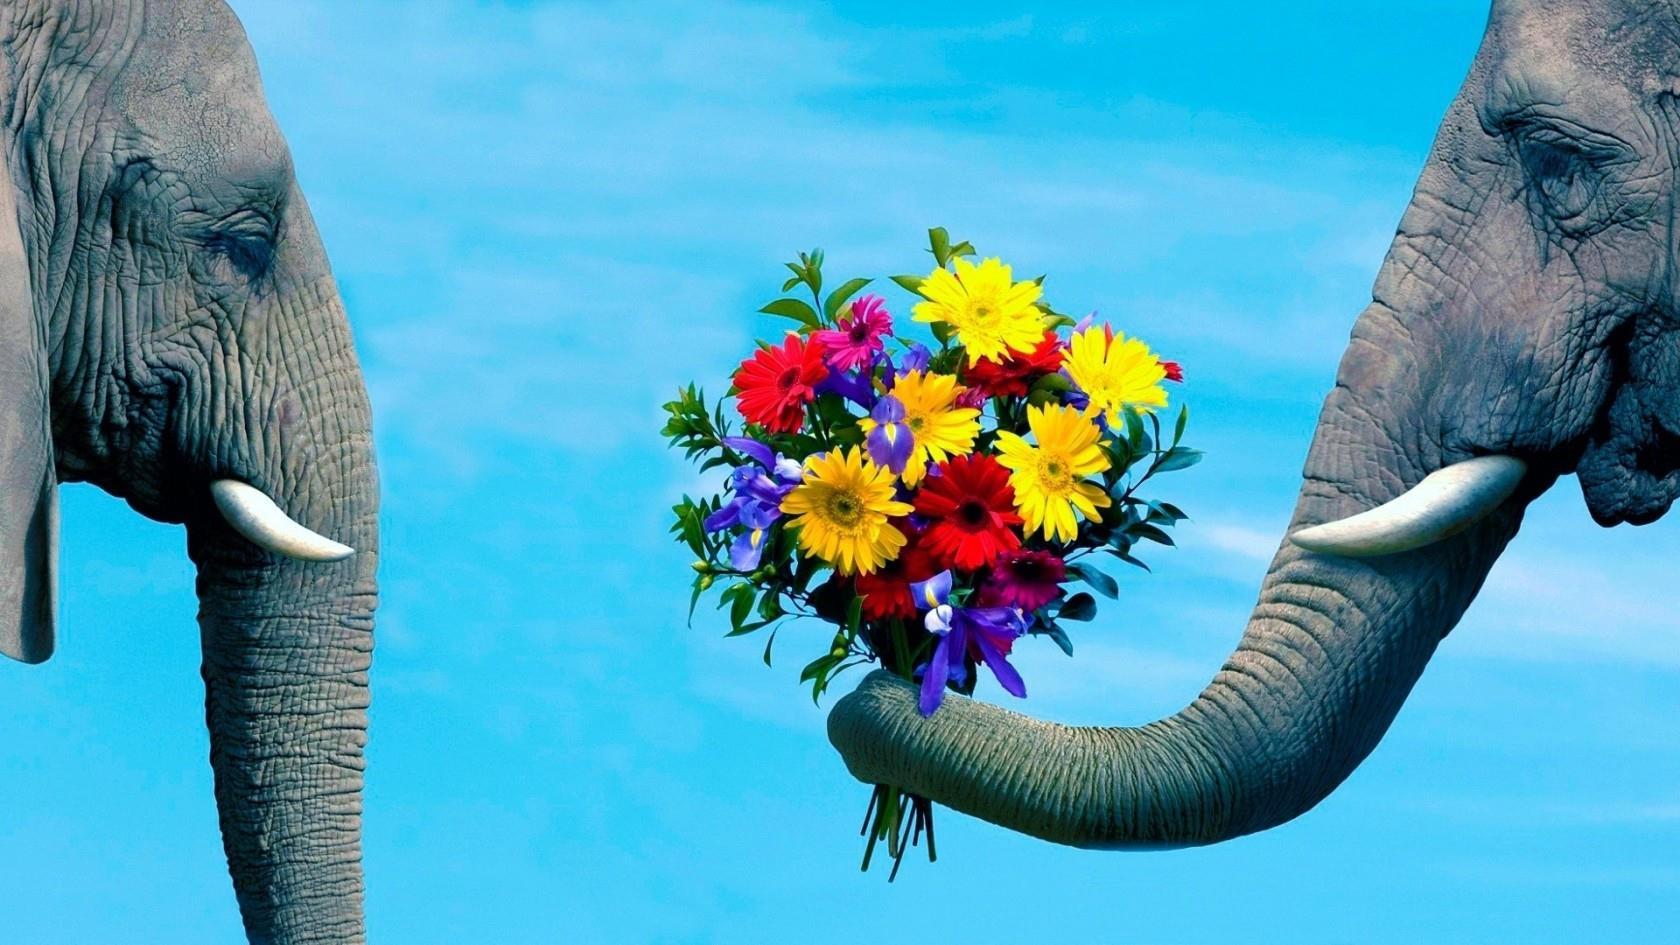 Due elefanti e un mazzo di fiori - Sfondi per PC, iPhone, Android e profilo WhatsApp da scaricare